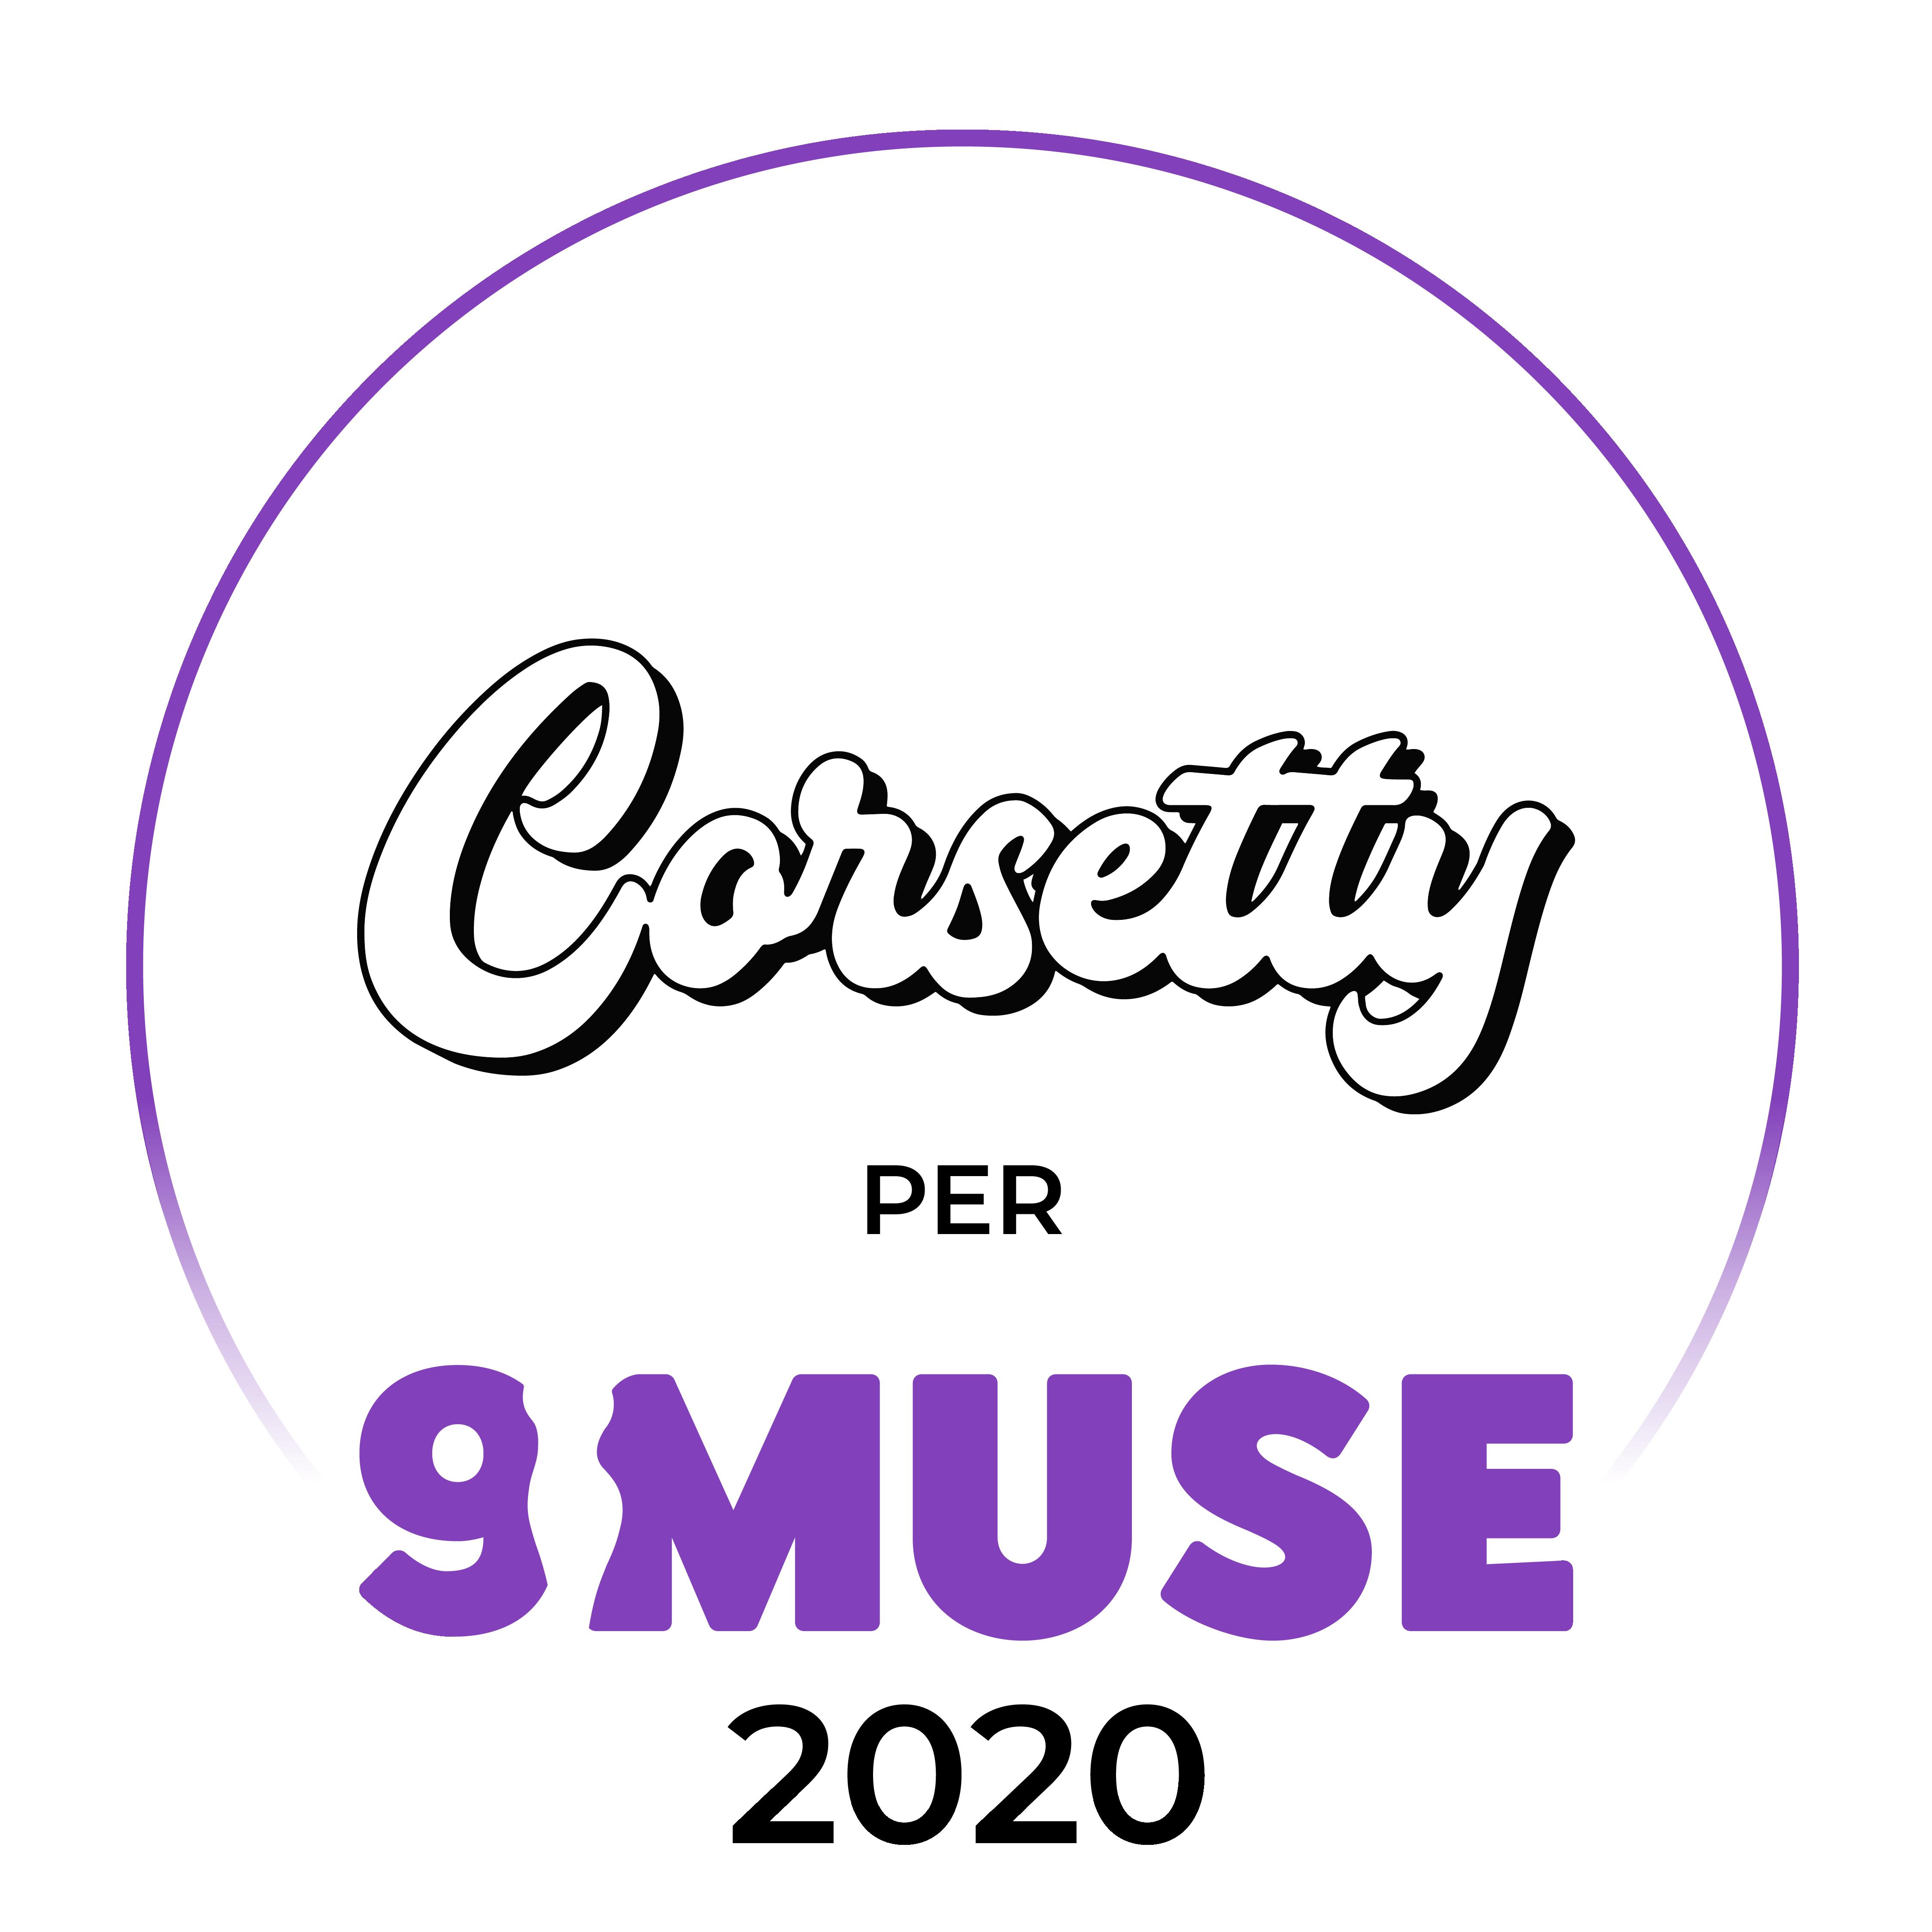 Corsetty per 9 Muse